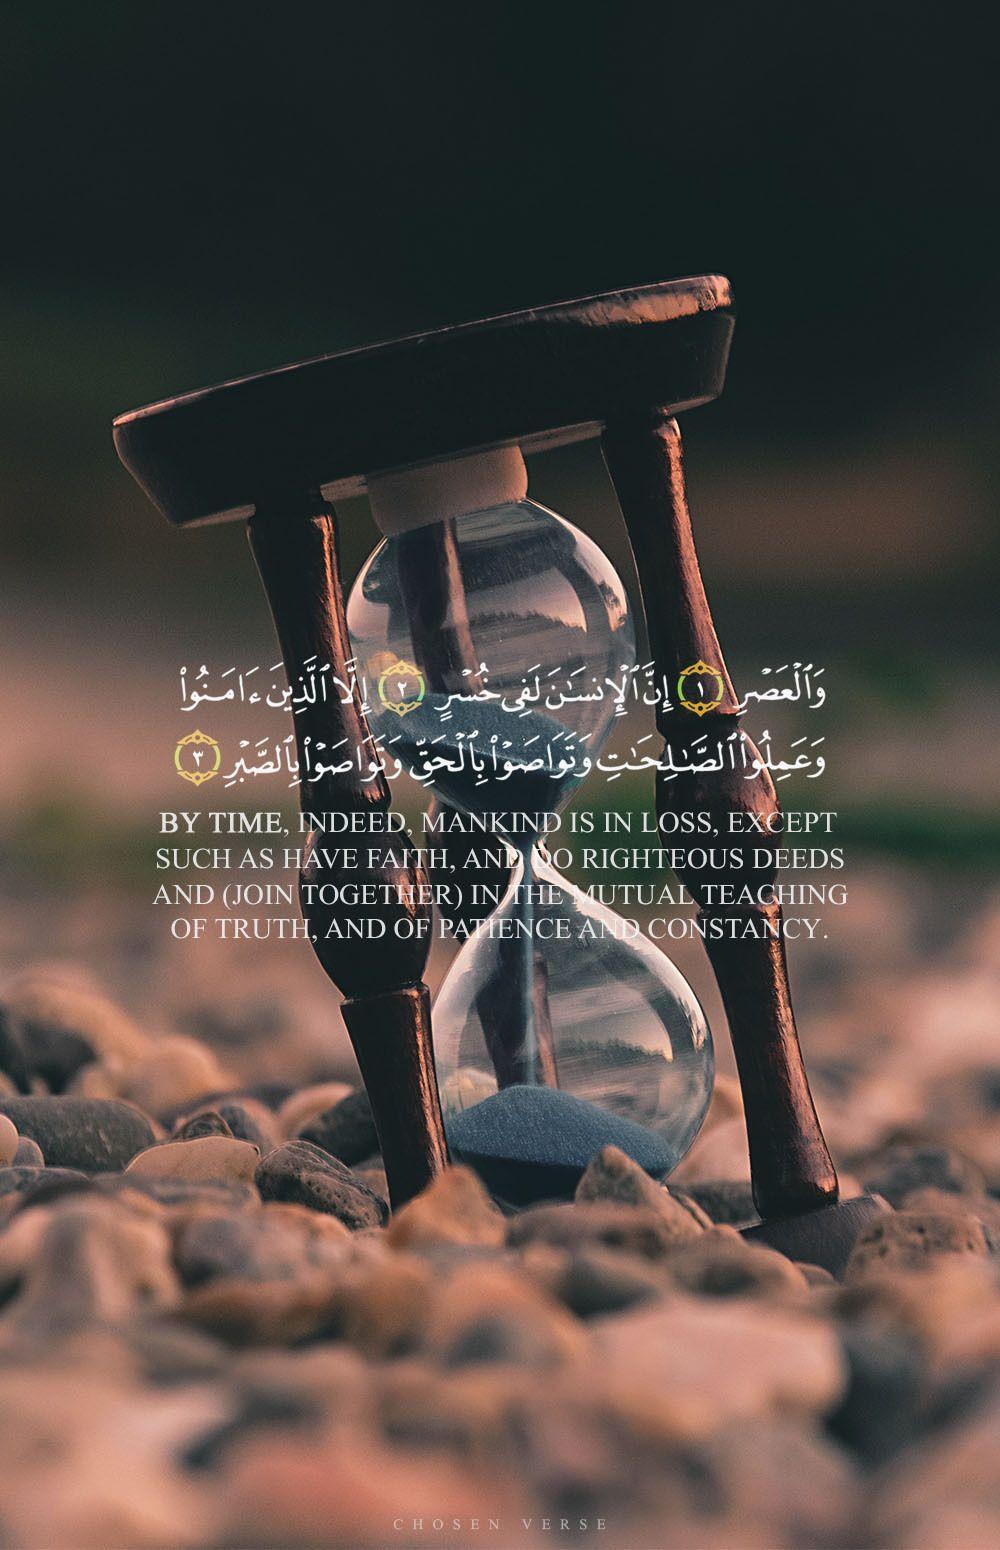 أقسم تعالى بالعصر الذي هو الليل والنهار محل أفعال العباد وأعمالهم أن كل إنسان خاسر والخاسر ضد الرابح وا Islamic Quotes Quran Quran Quotes Verses Quran Book